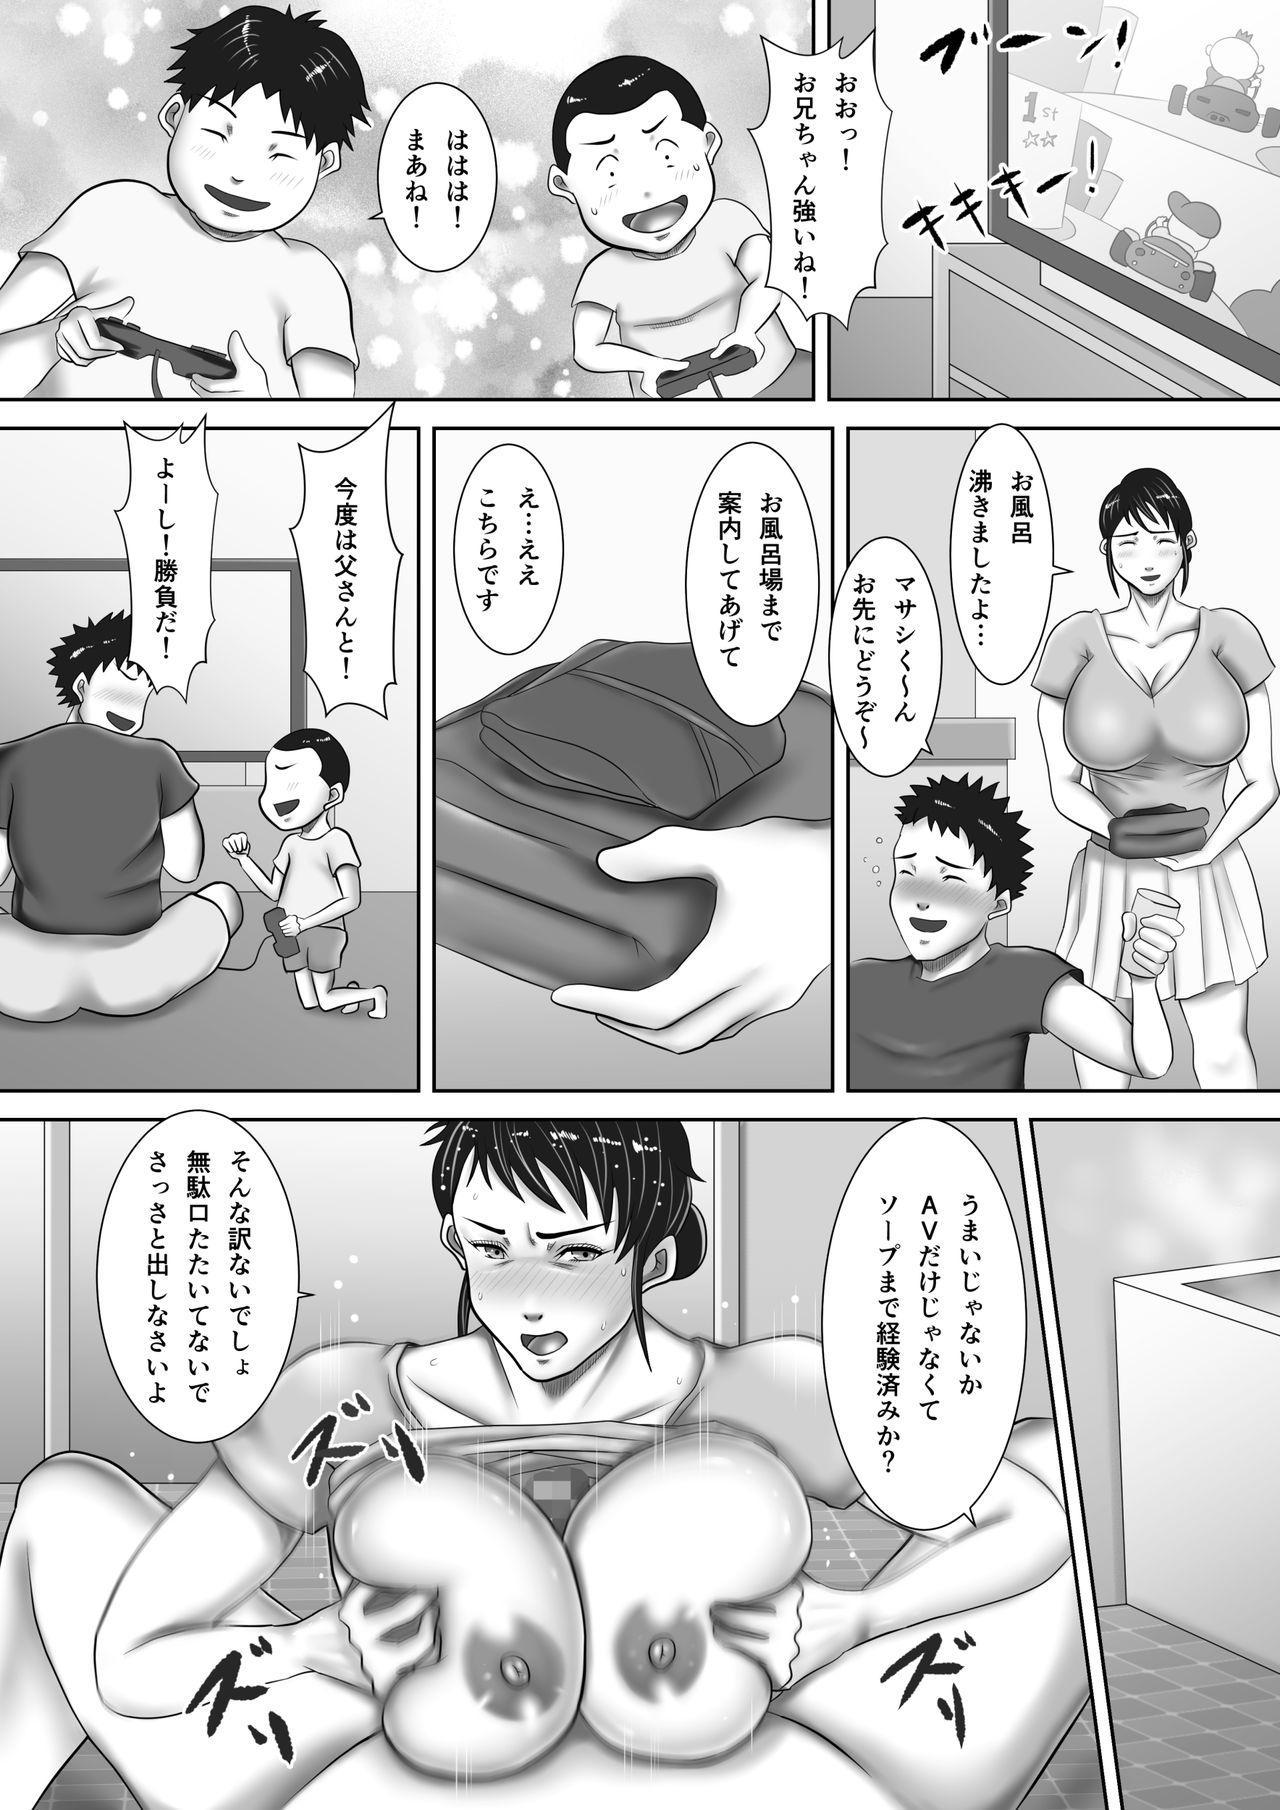 Jitaku de Netorareta Kachiki na Hitozuma 30